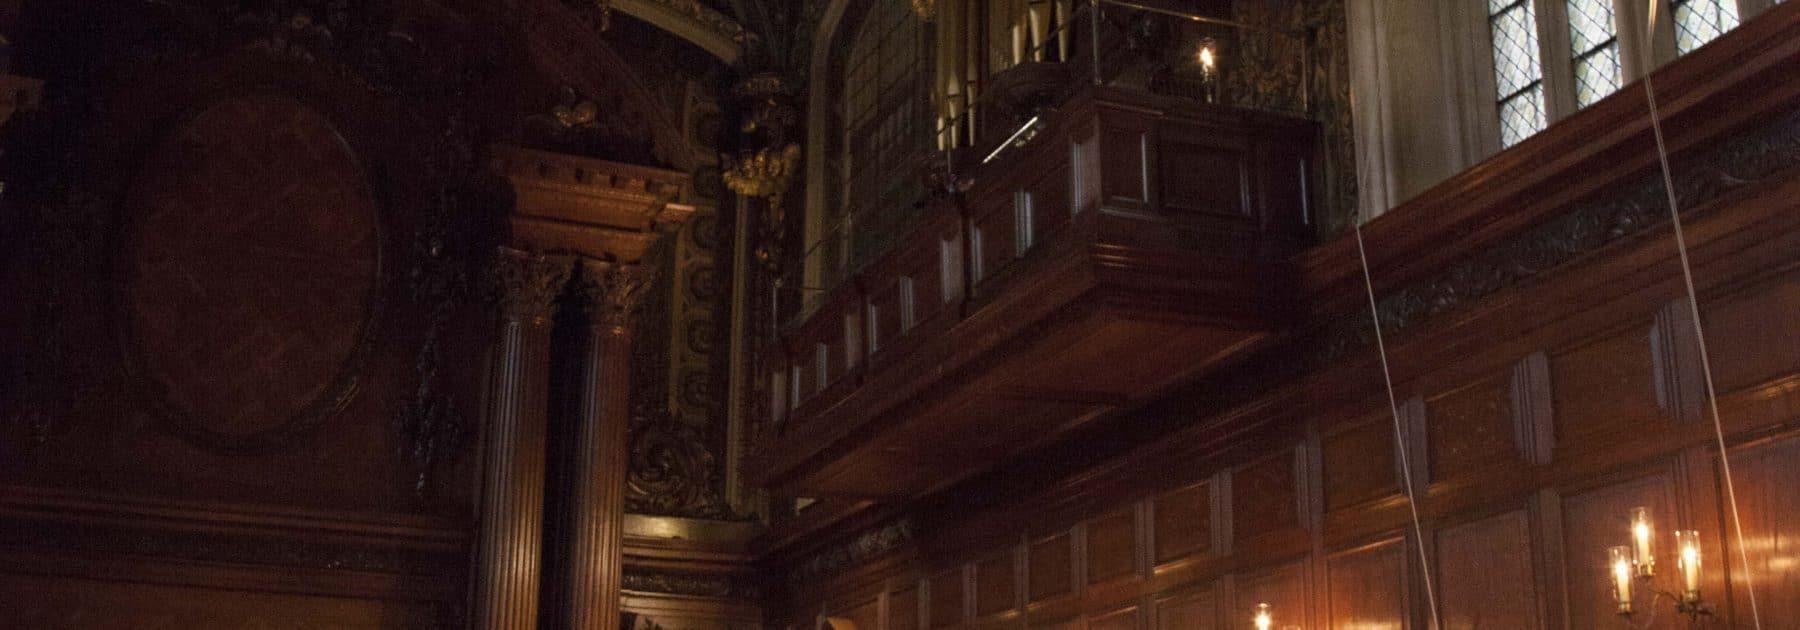 Evensong at Chapel Royal Hampton Court